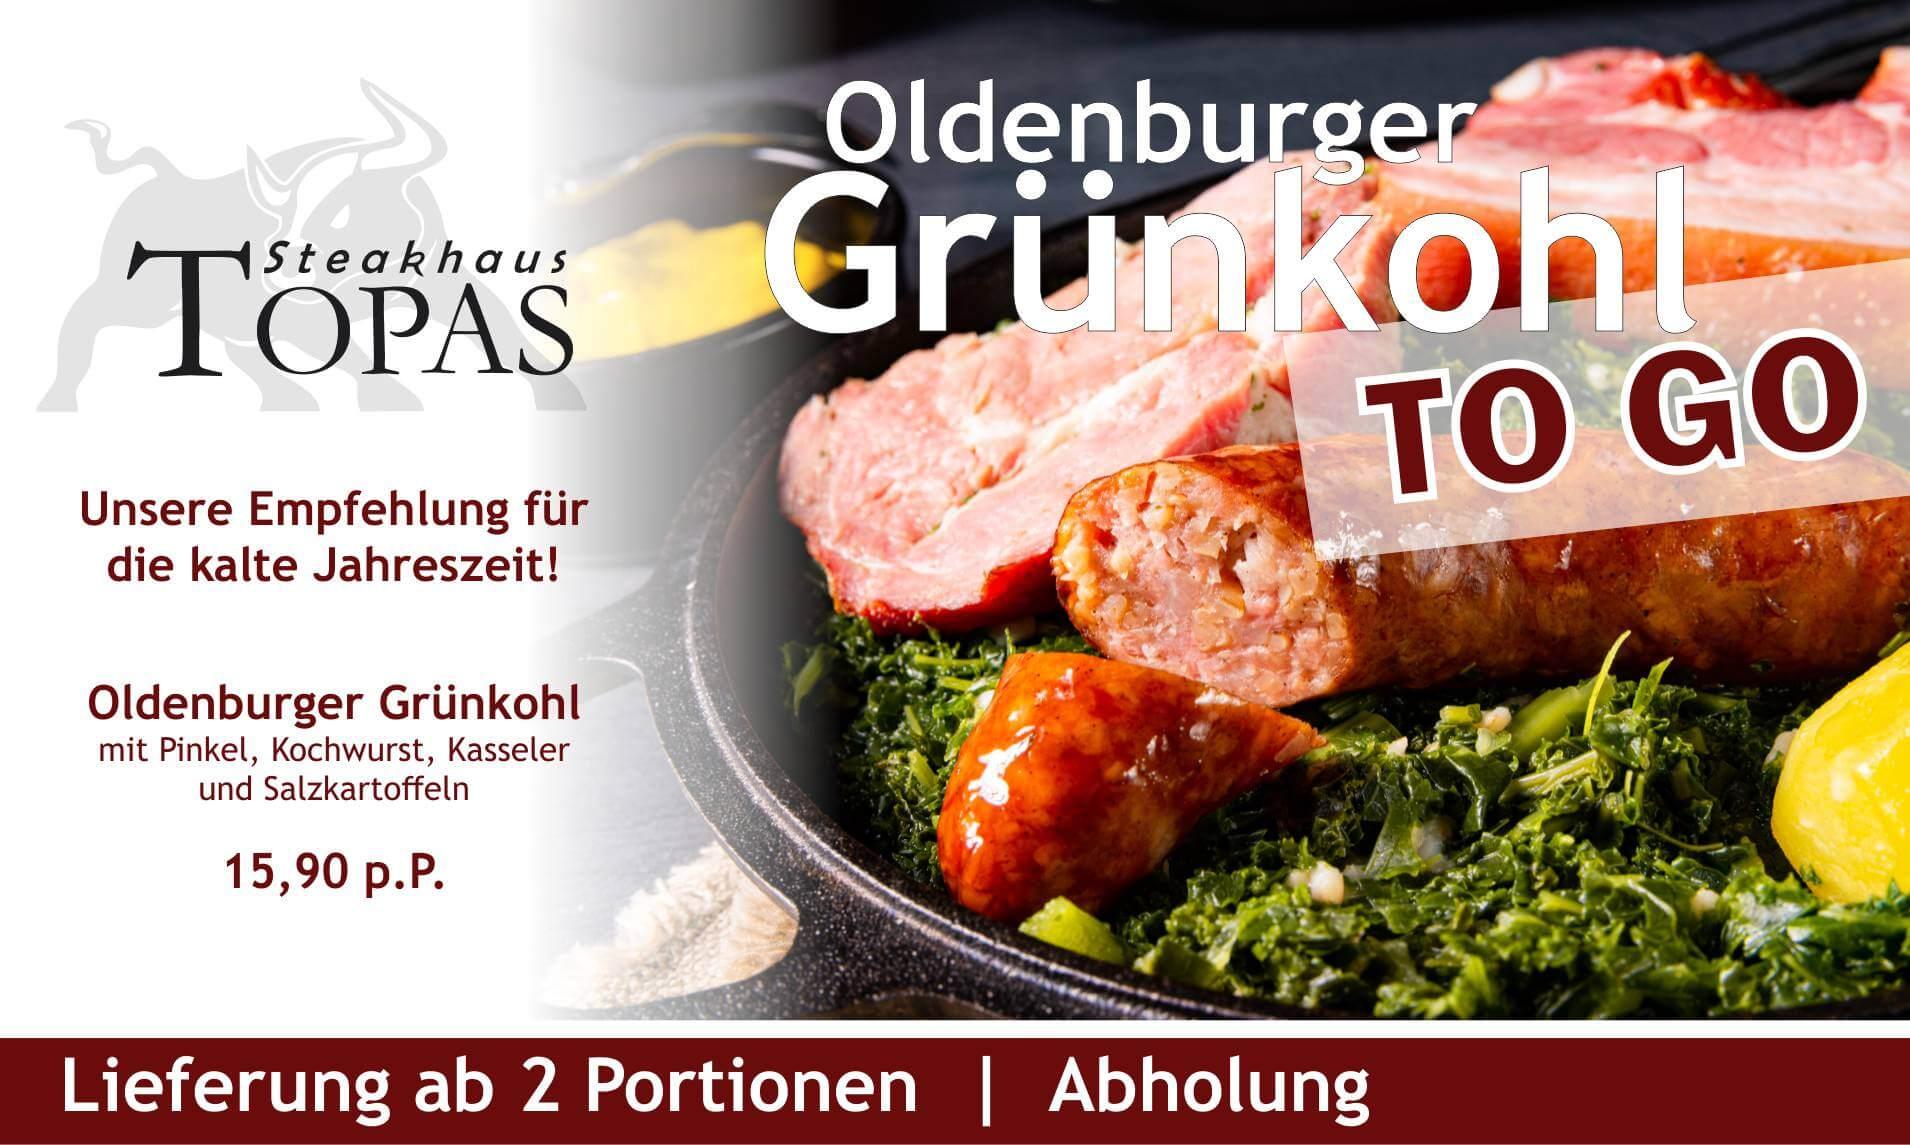 Grünkohl zum Mitnehmen und Grünkohllieferung Oldenburg